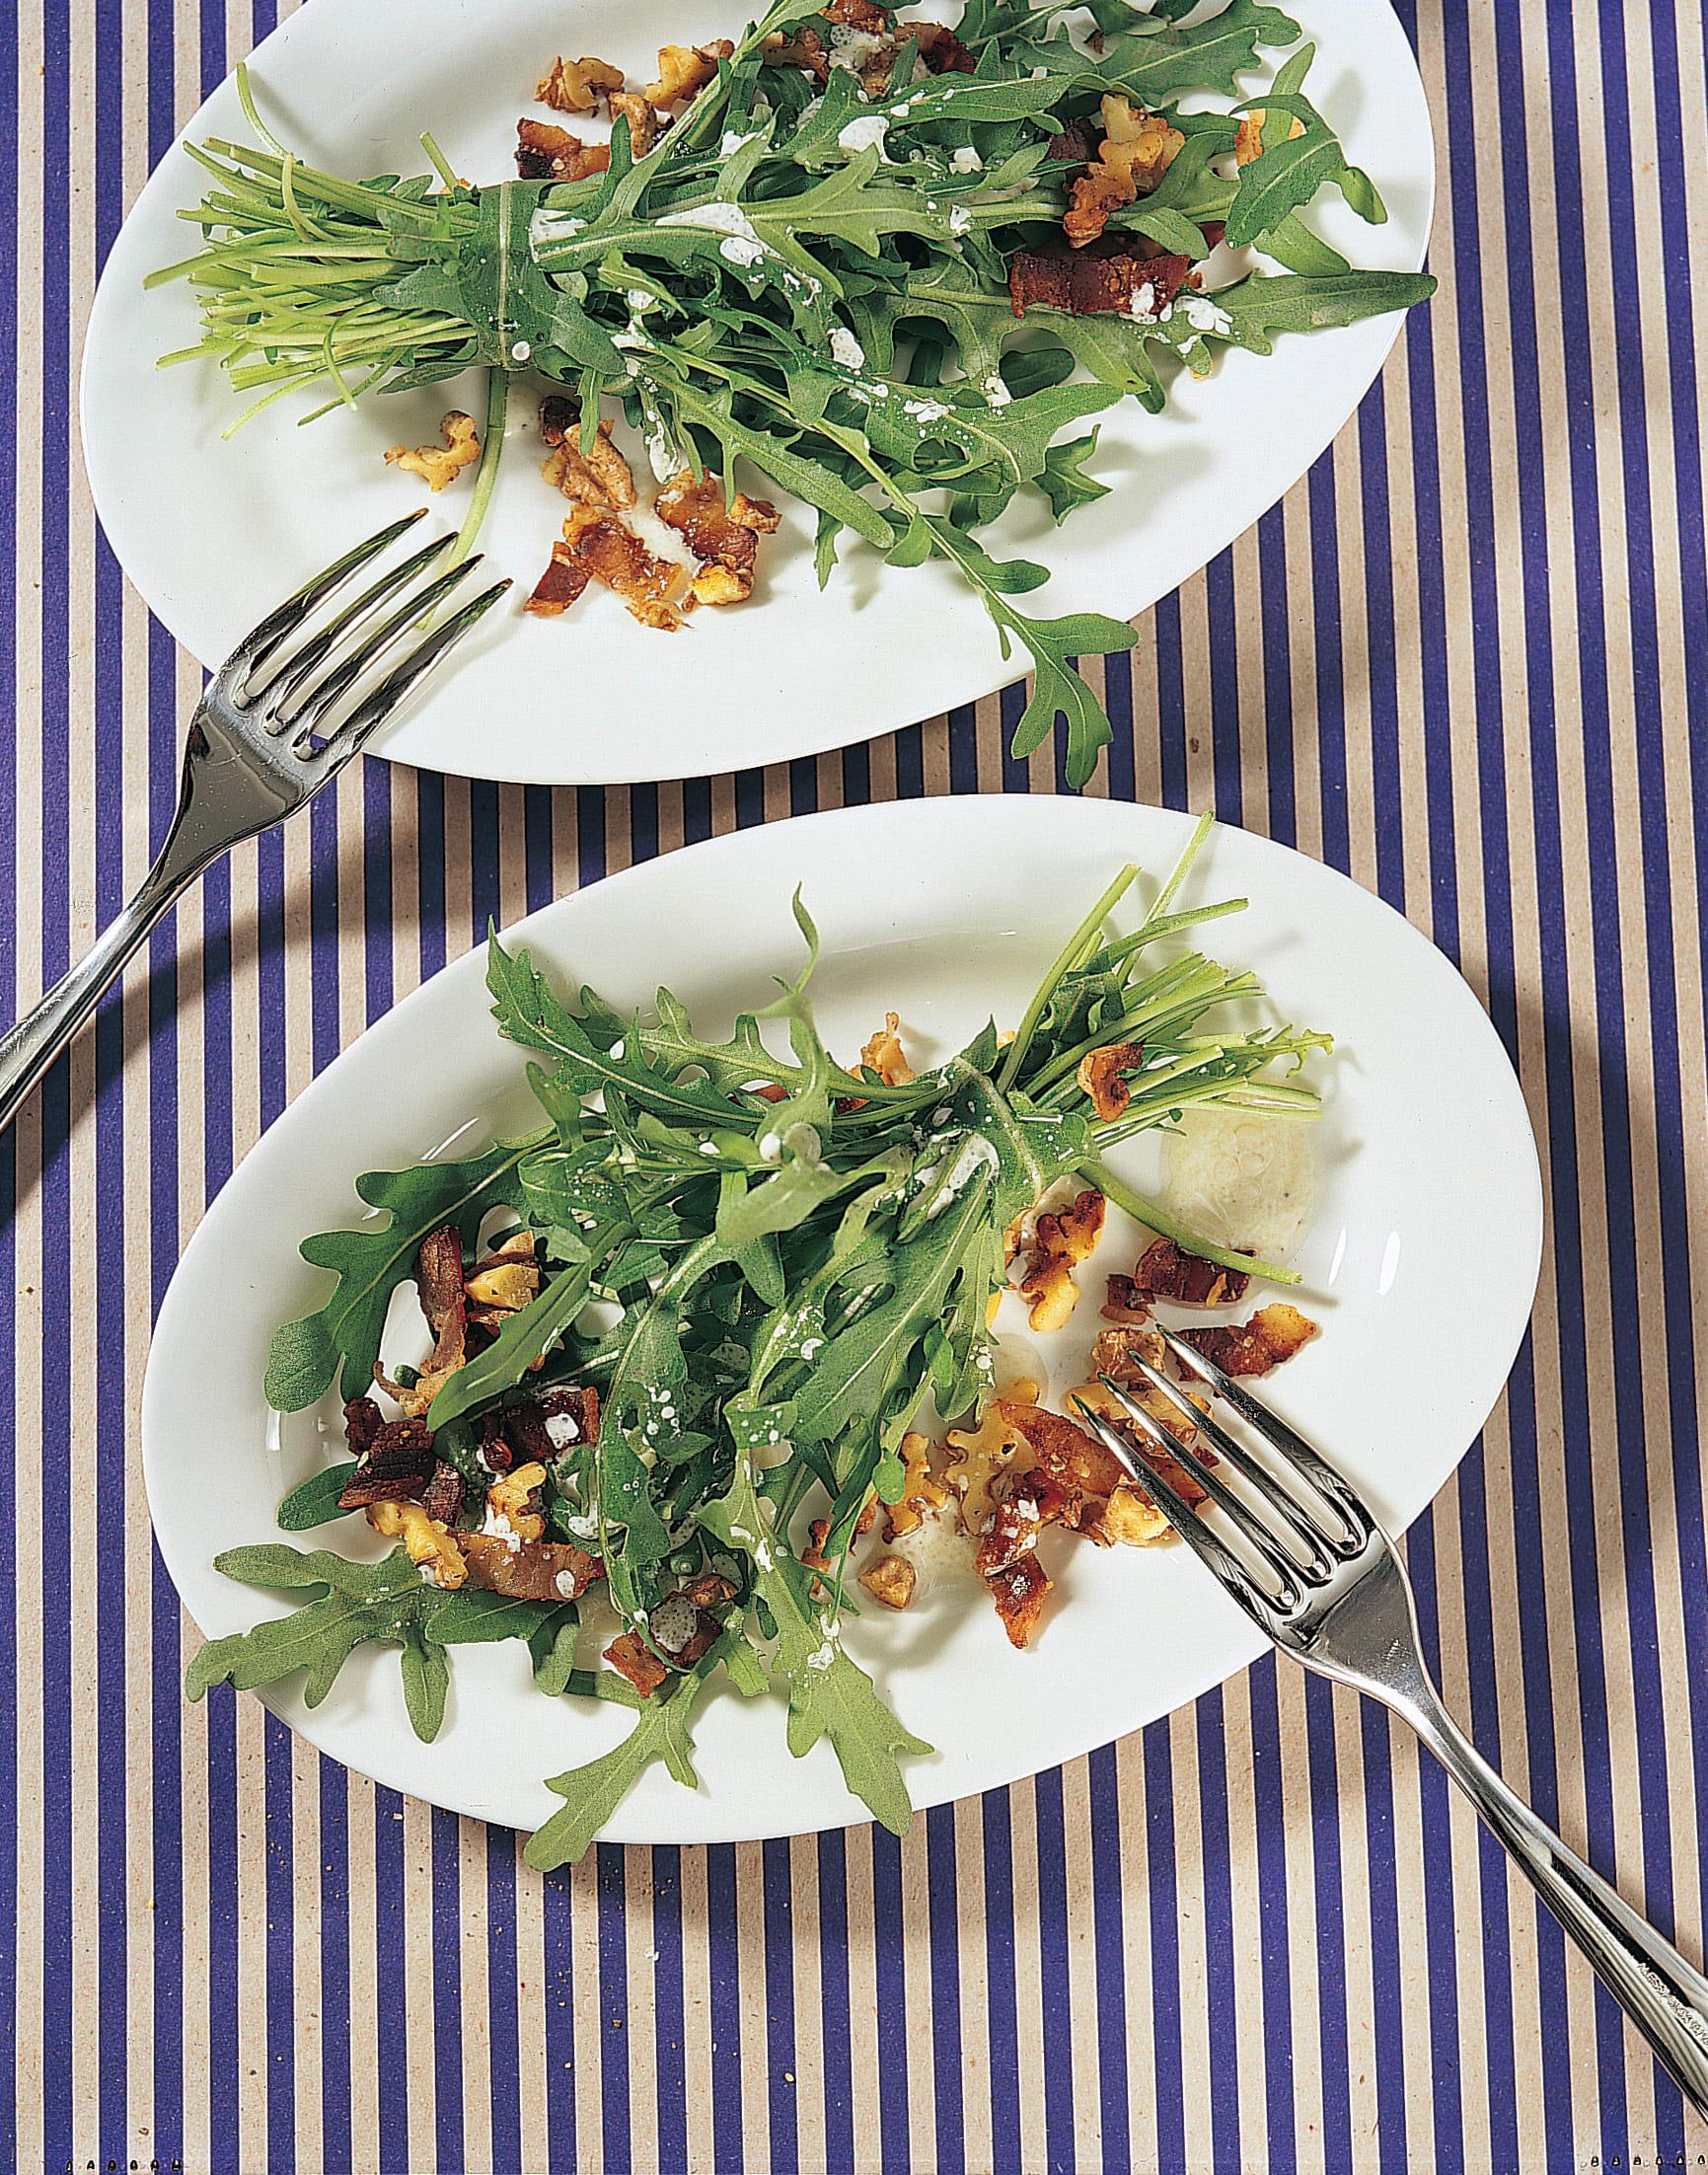 Salade de roquette sauce au lard et aux noix